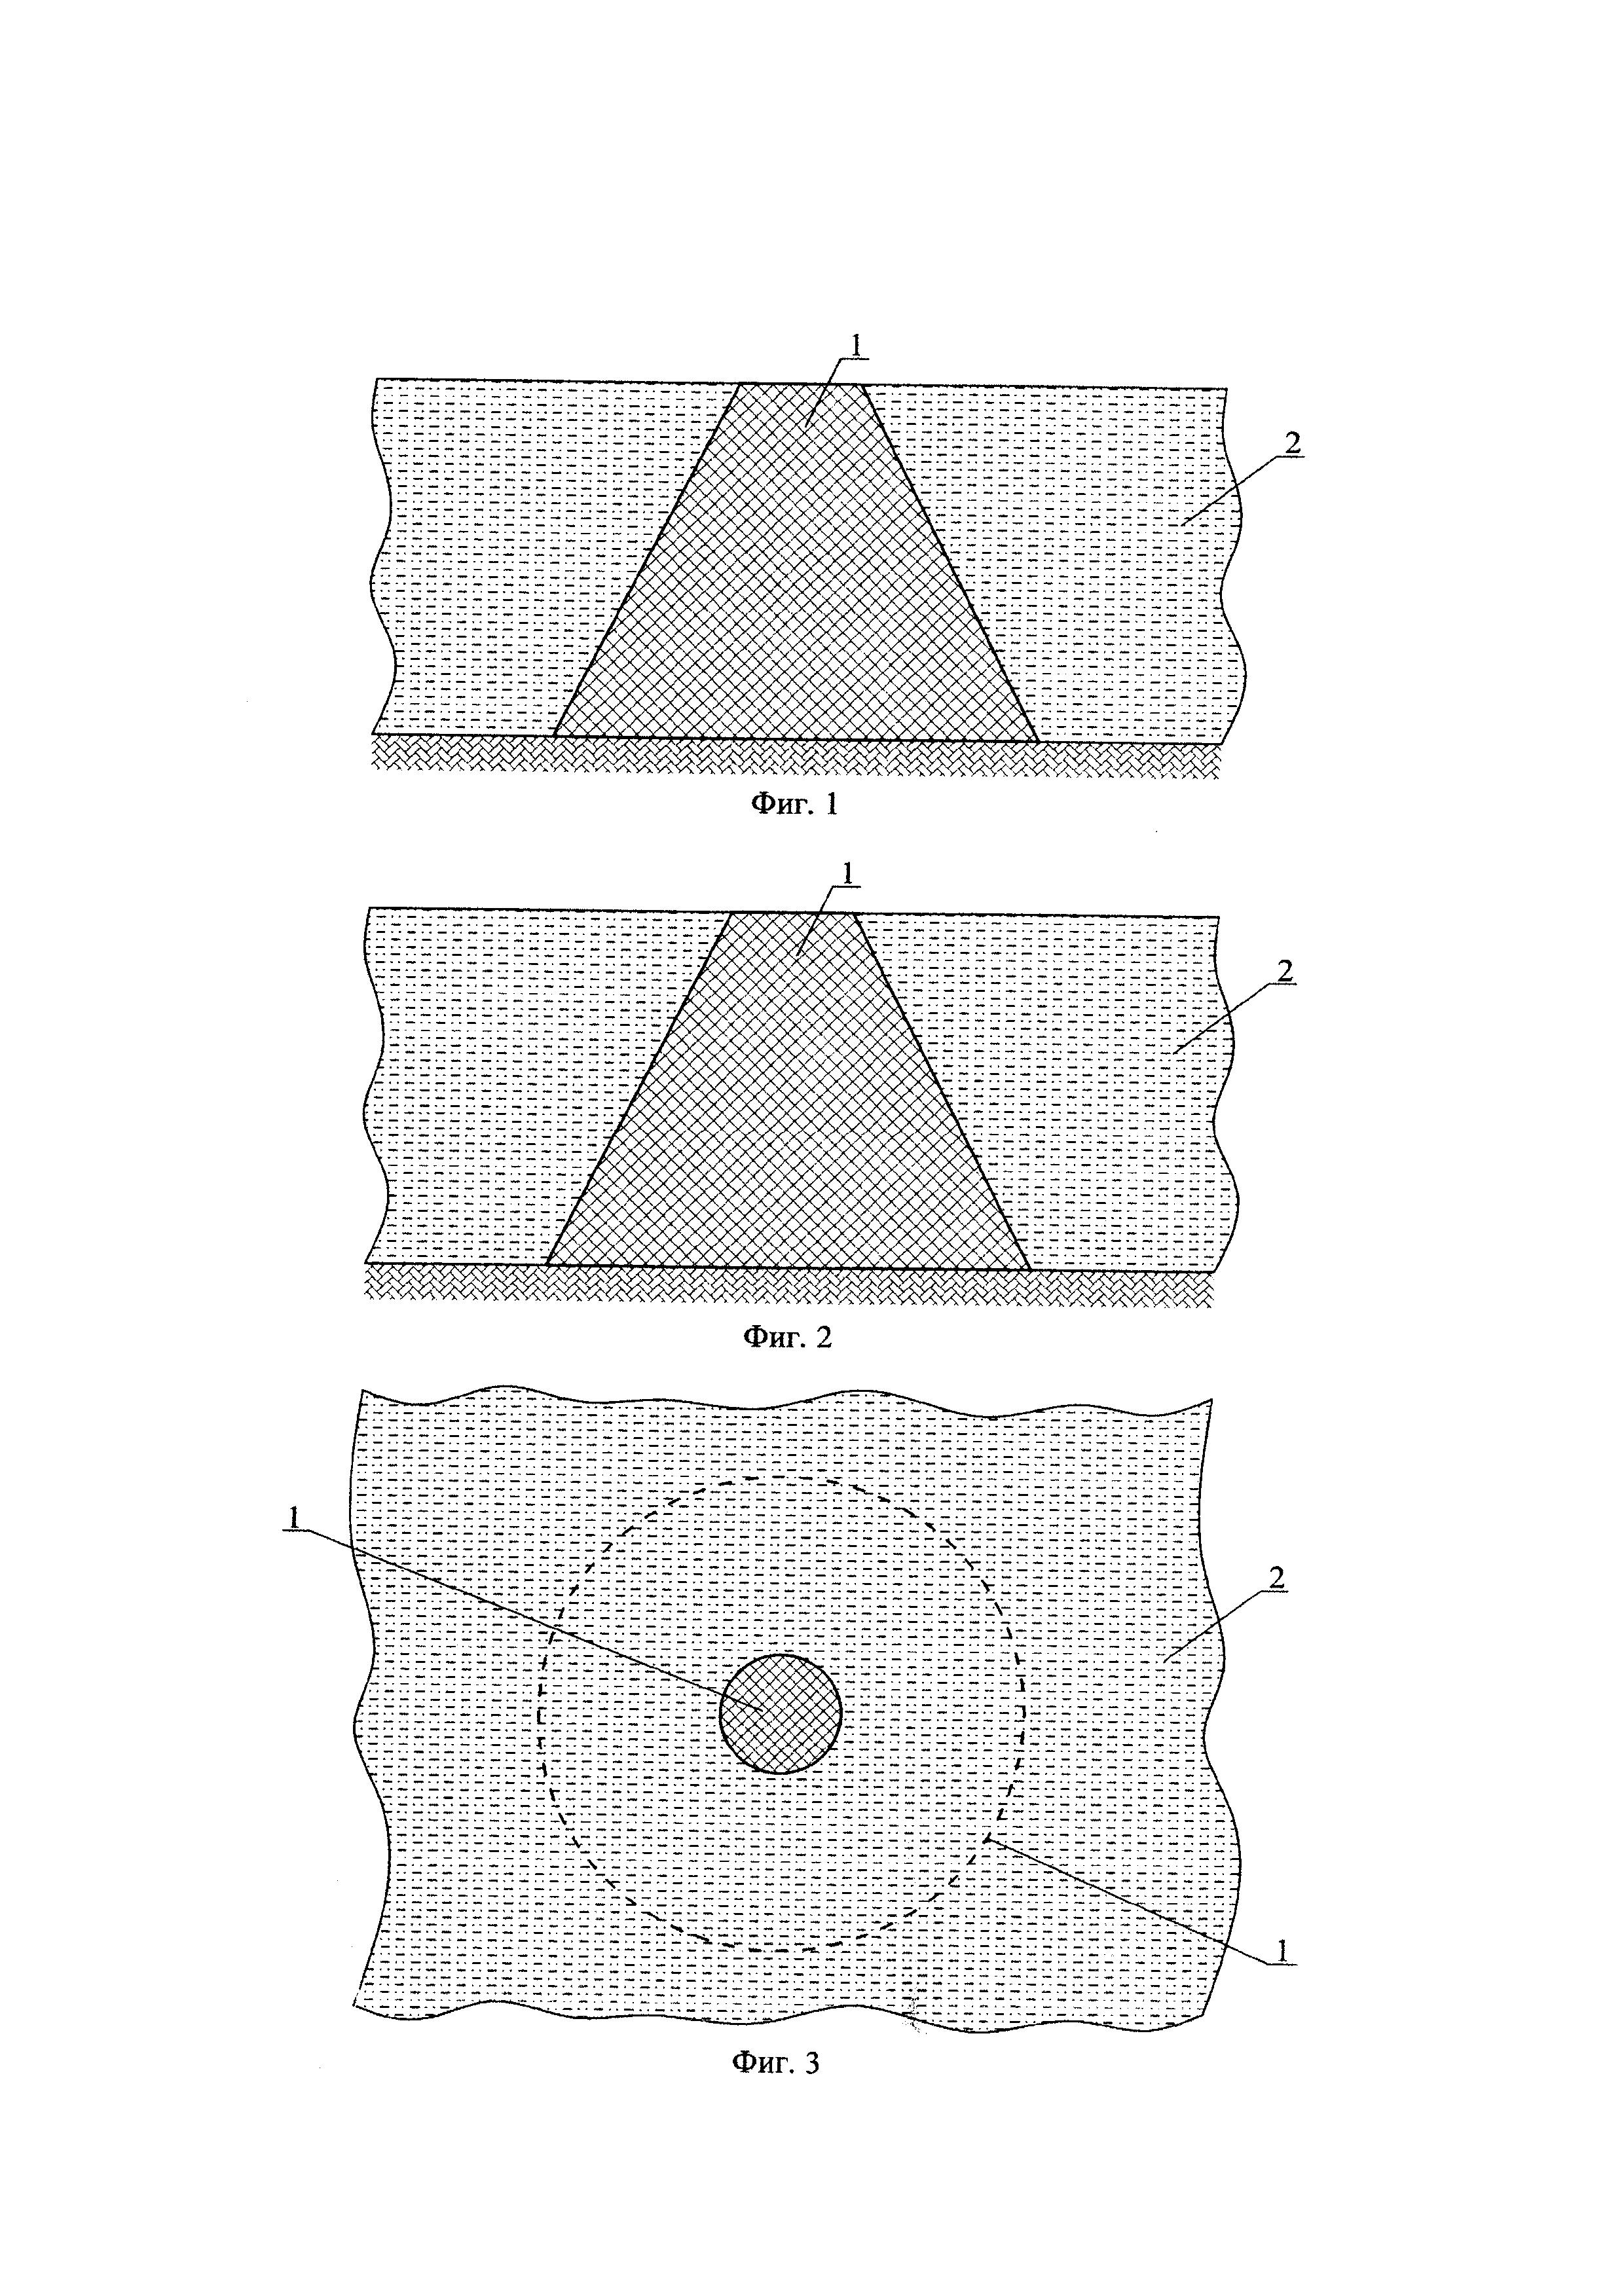 Устройство для оценки износа асфальтового покрытия